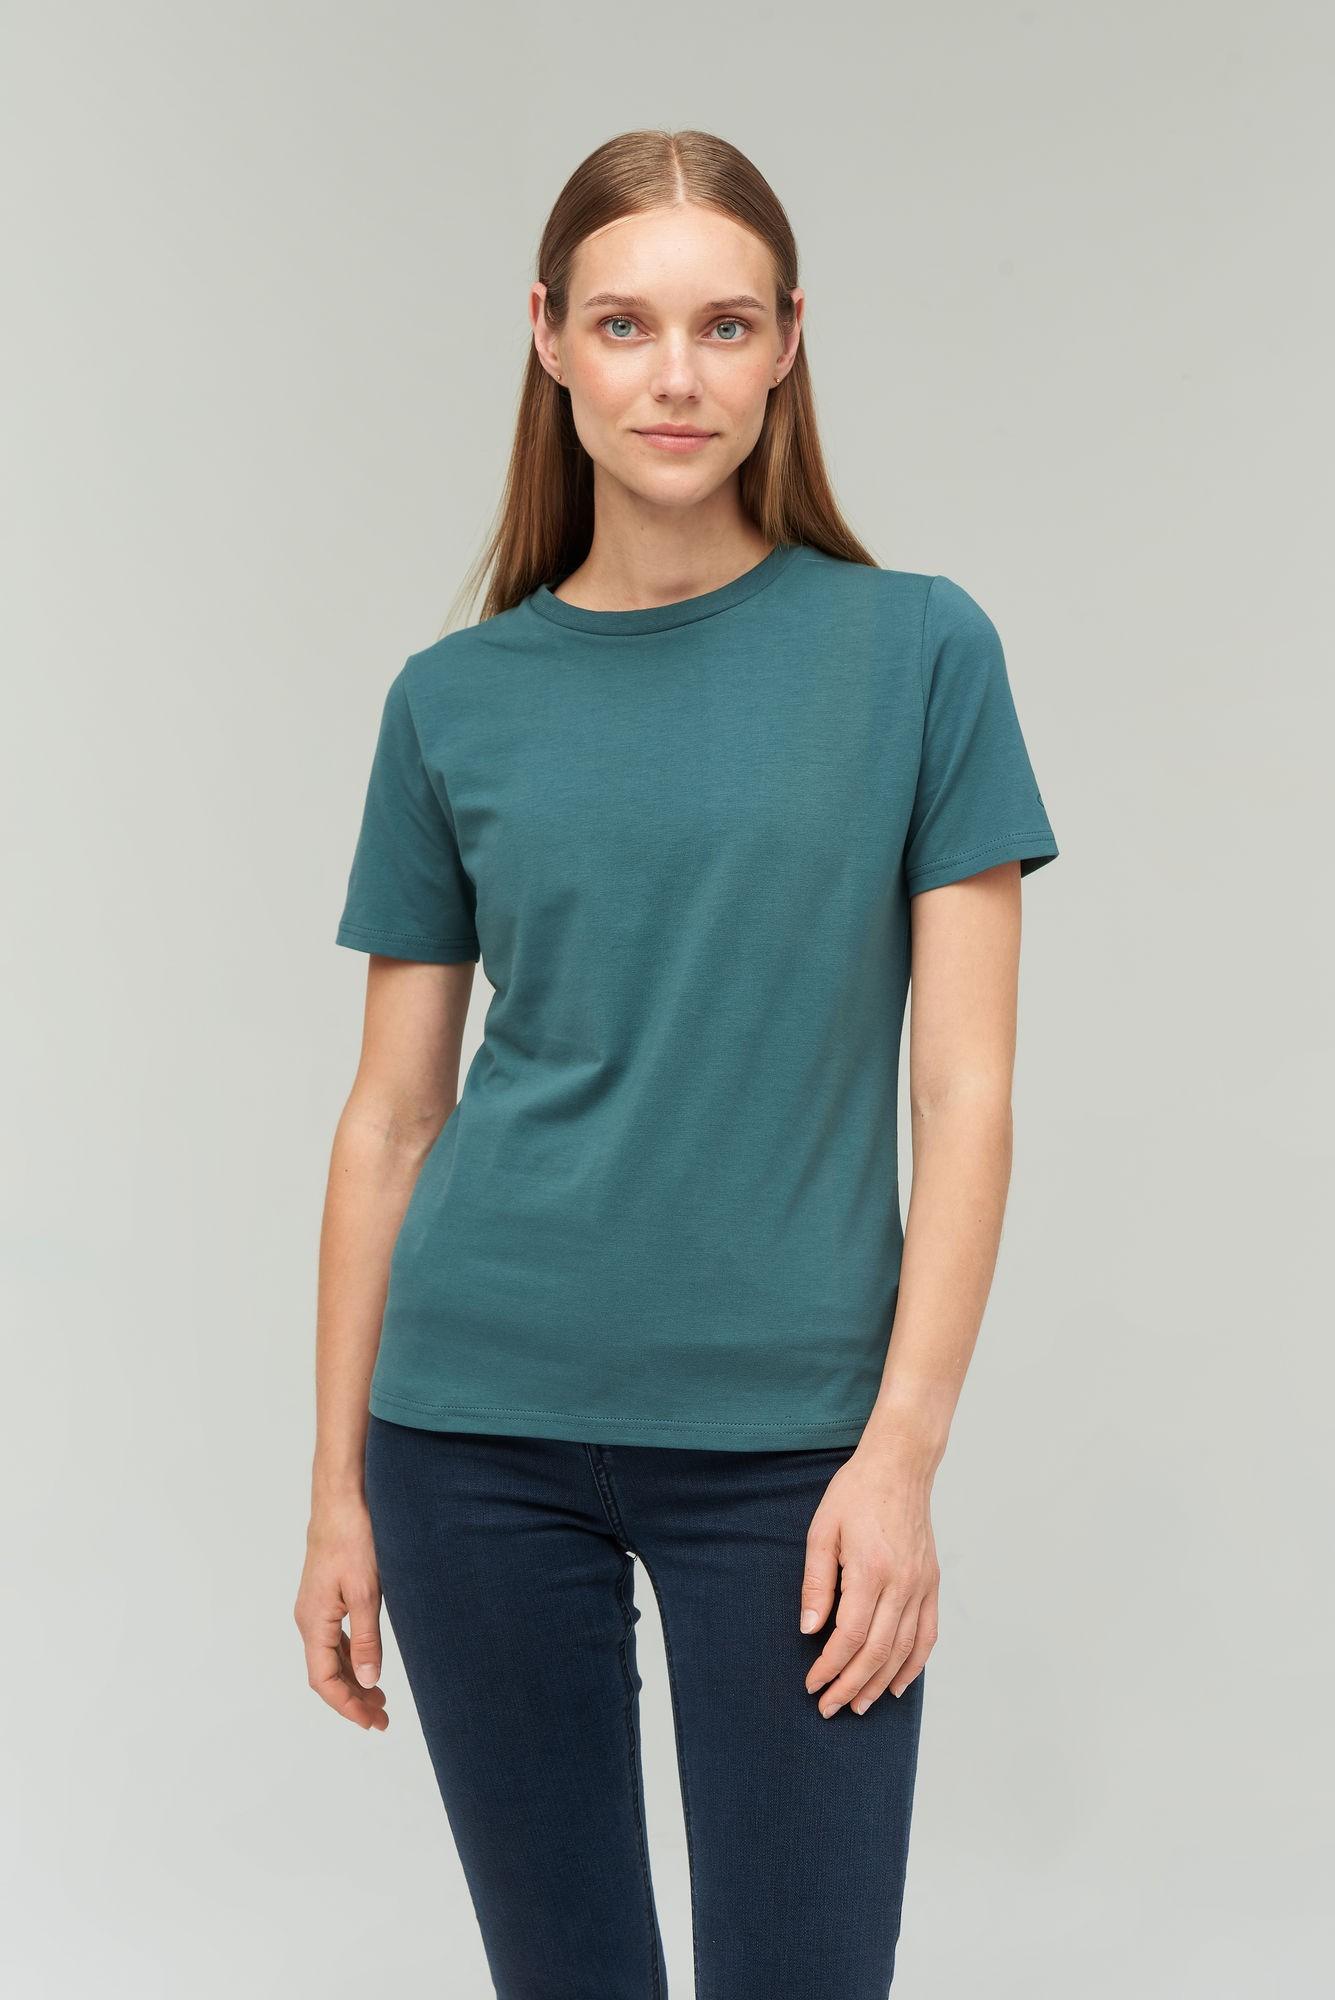 AUDIMAS Medvilniniai marškinėliai 2021-073 Mallard Green S